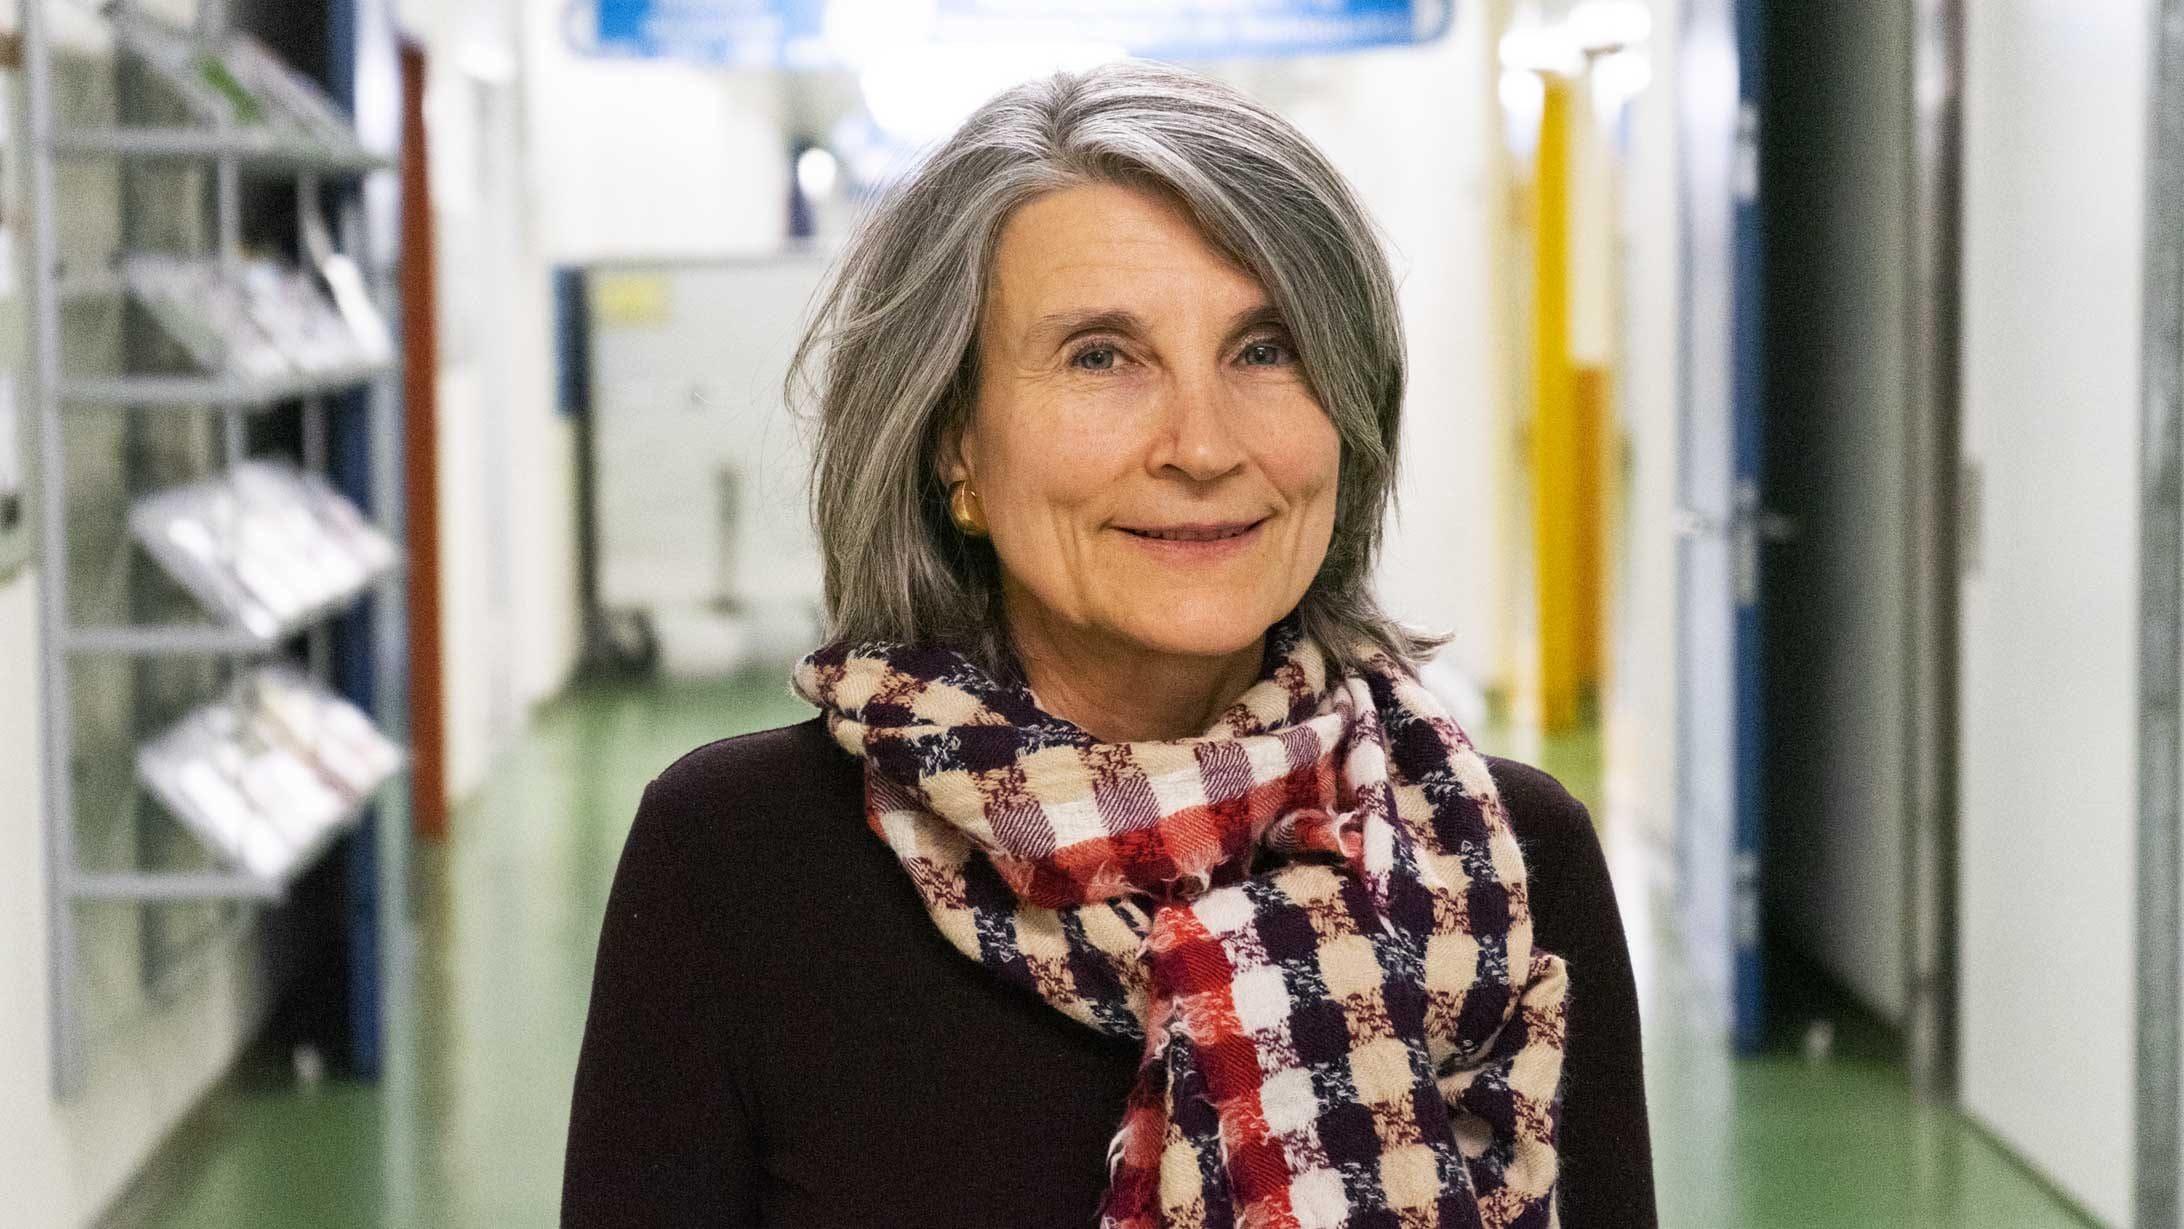 Manuela Birrer, Teil der Männersprechstunde und Angiologin am KSB